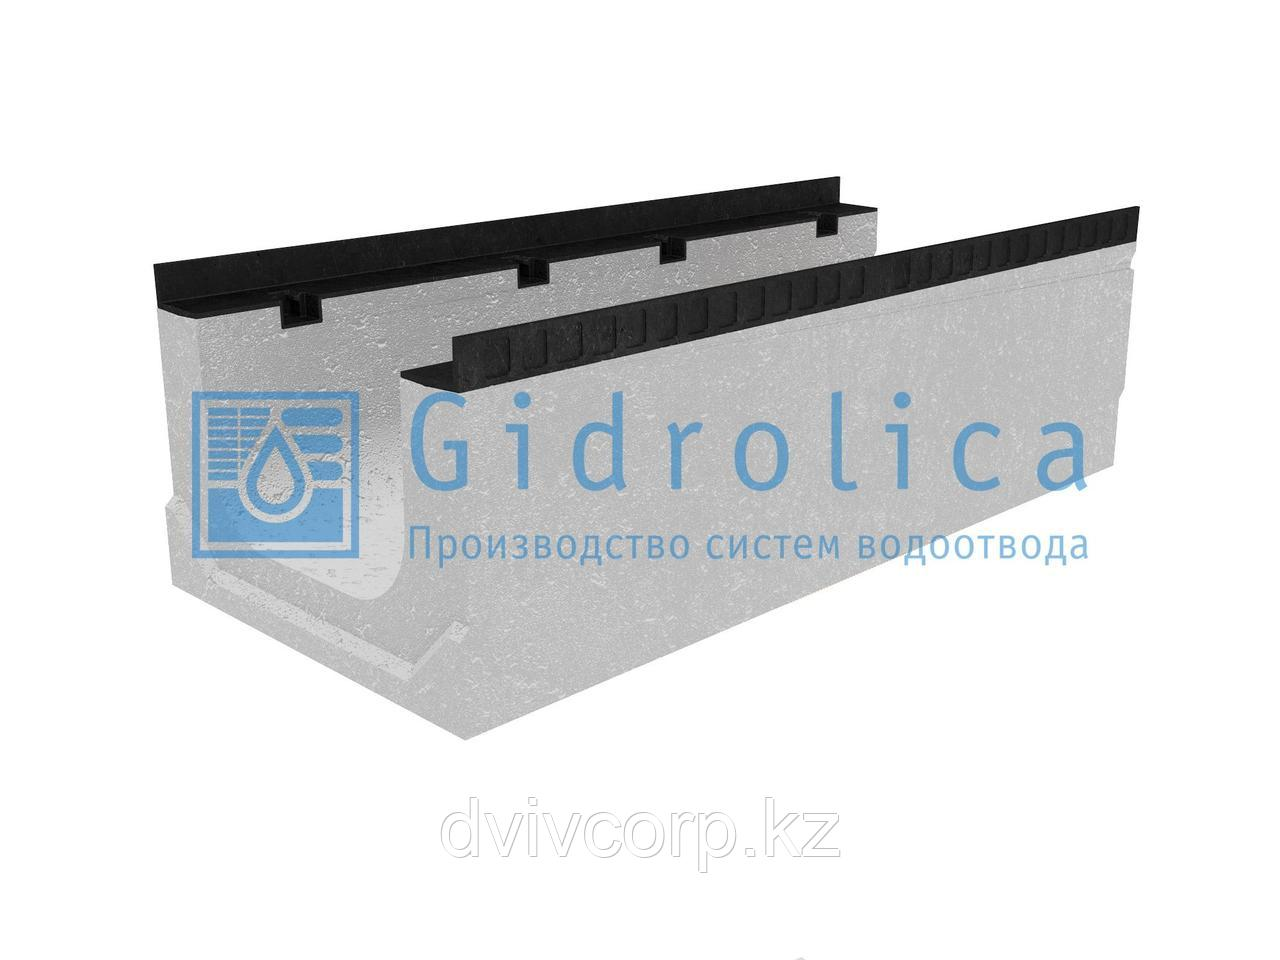 Лоток водоотводный бетонный коробчатый (СО-300мм), с уклоном 0,5%  КПу 100.44(30).32(25) - BGМ-F, № 2